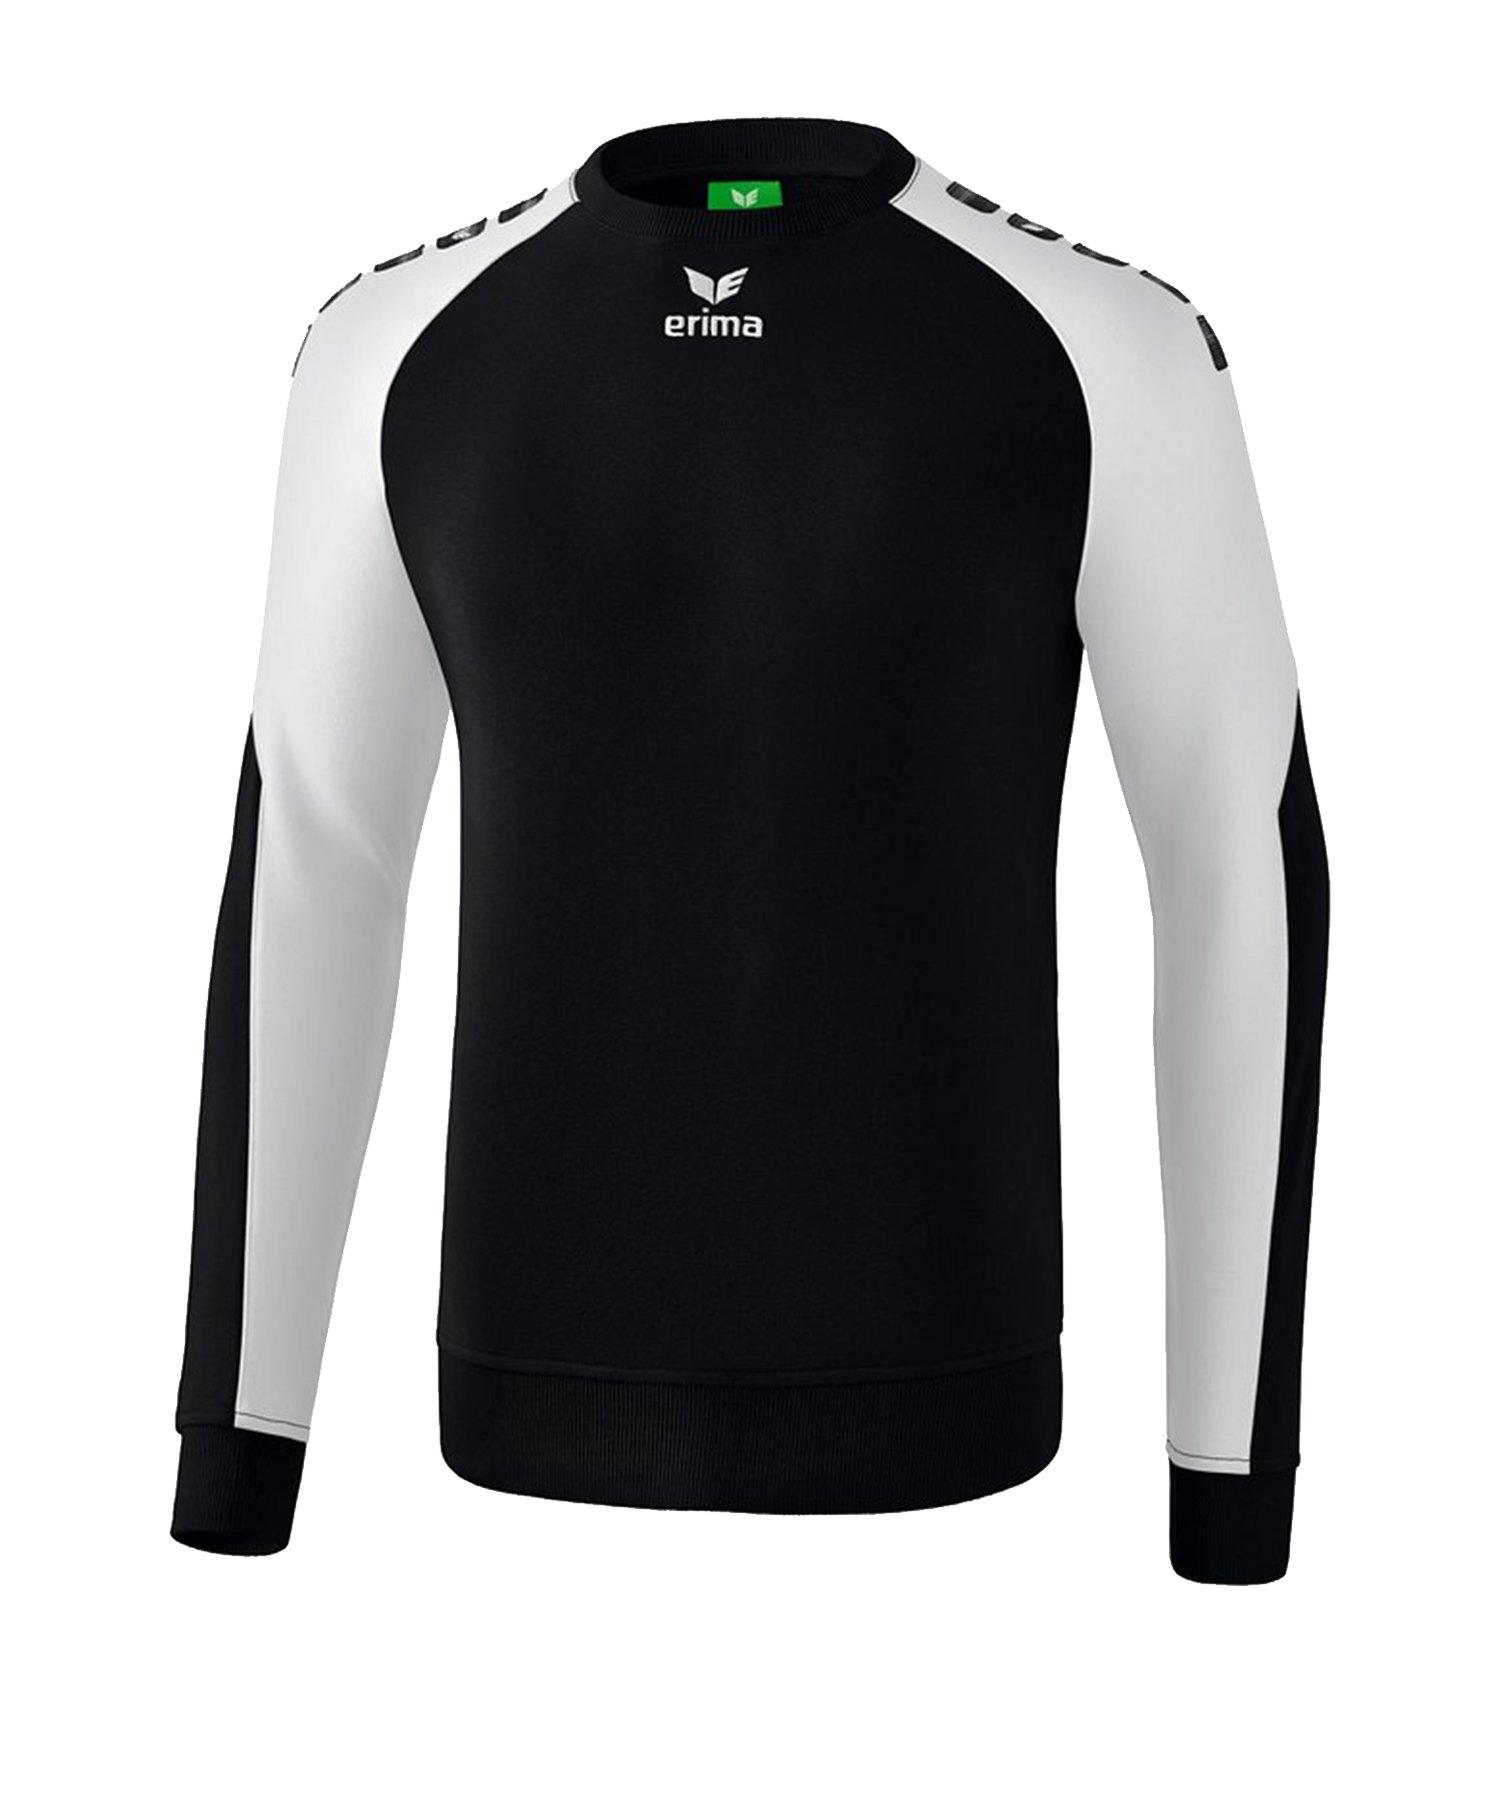 Erima Essential 5-C Sweatshirt Kids Schwarz Weiss - Schwarz